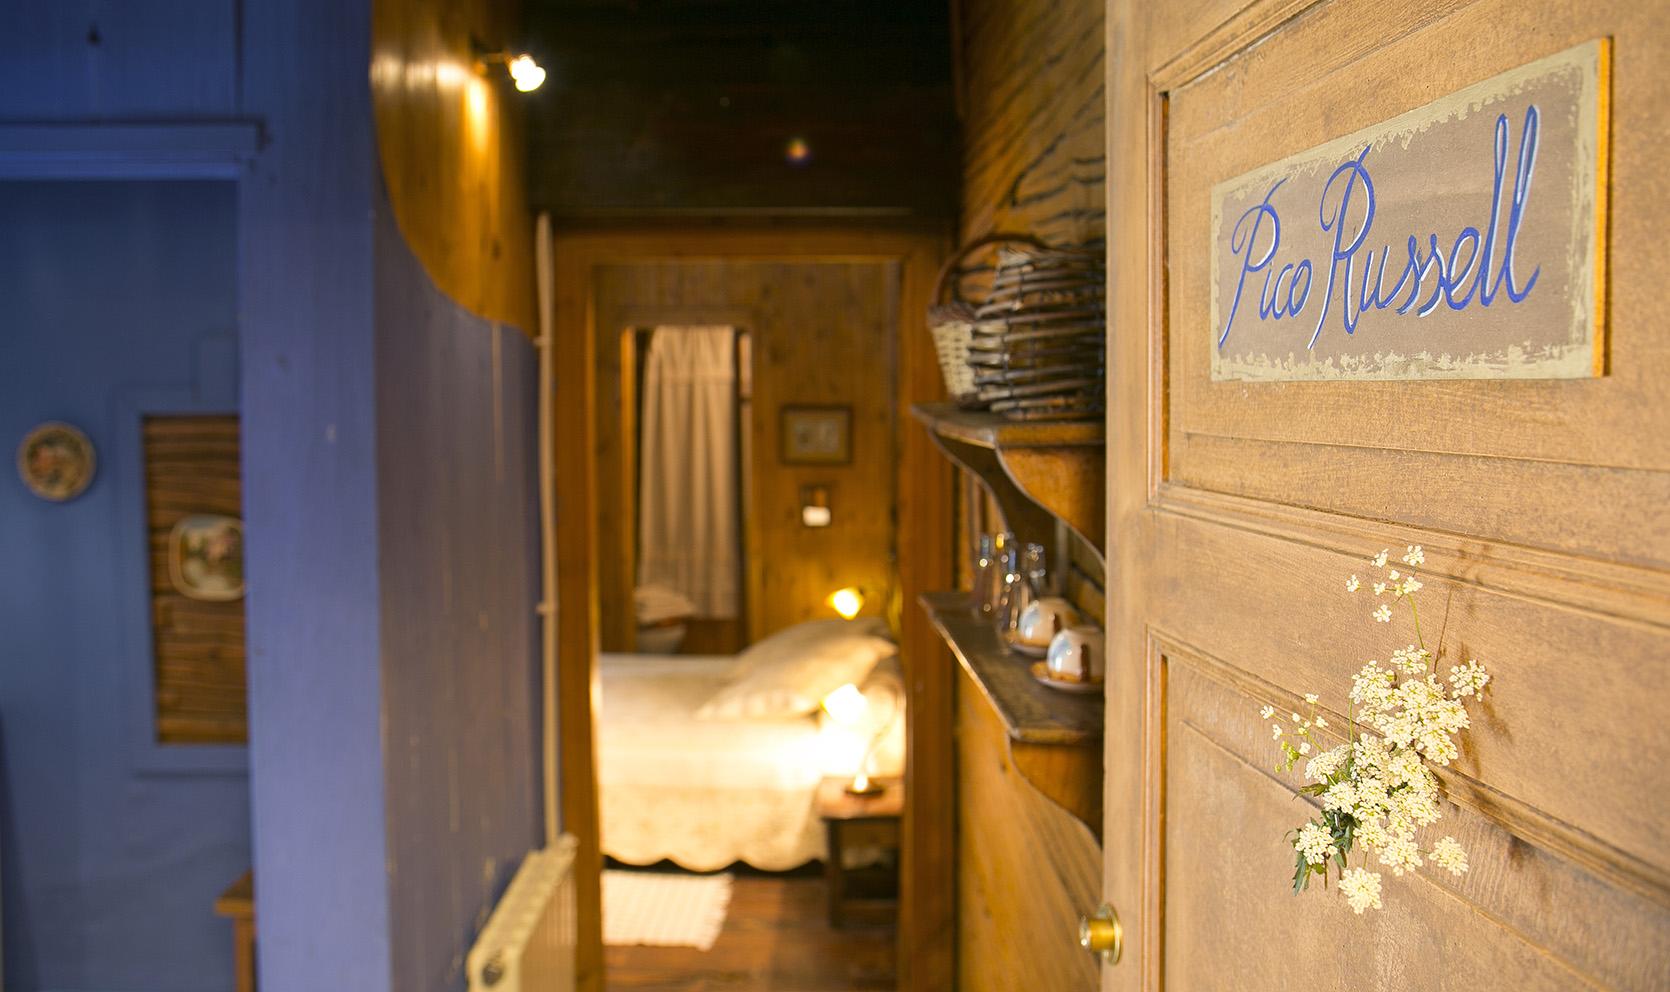 Apartamento Pico Russell